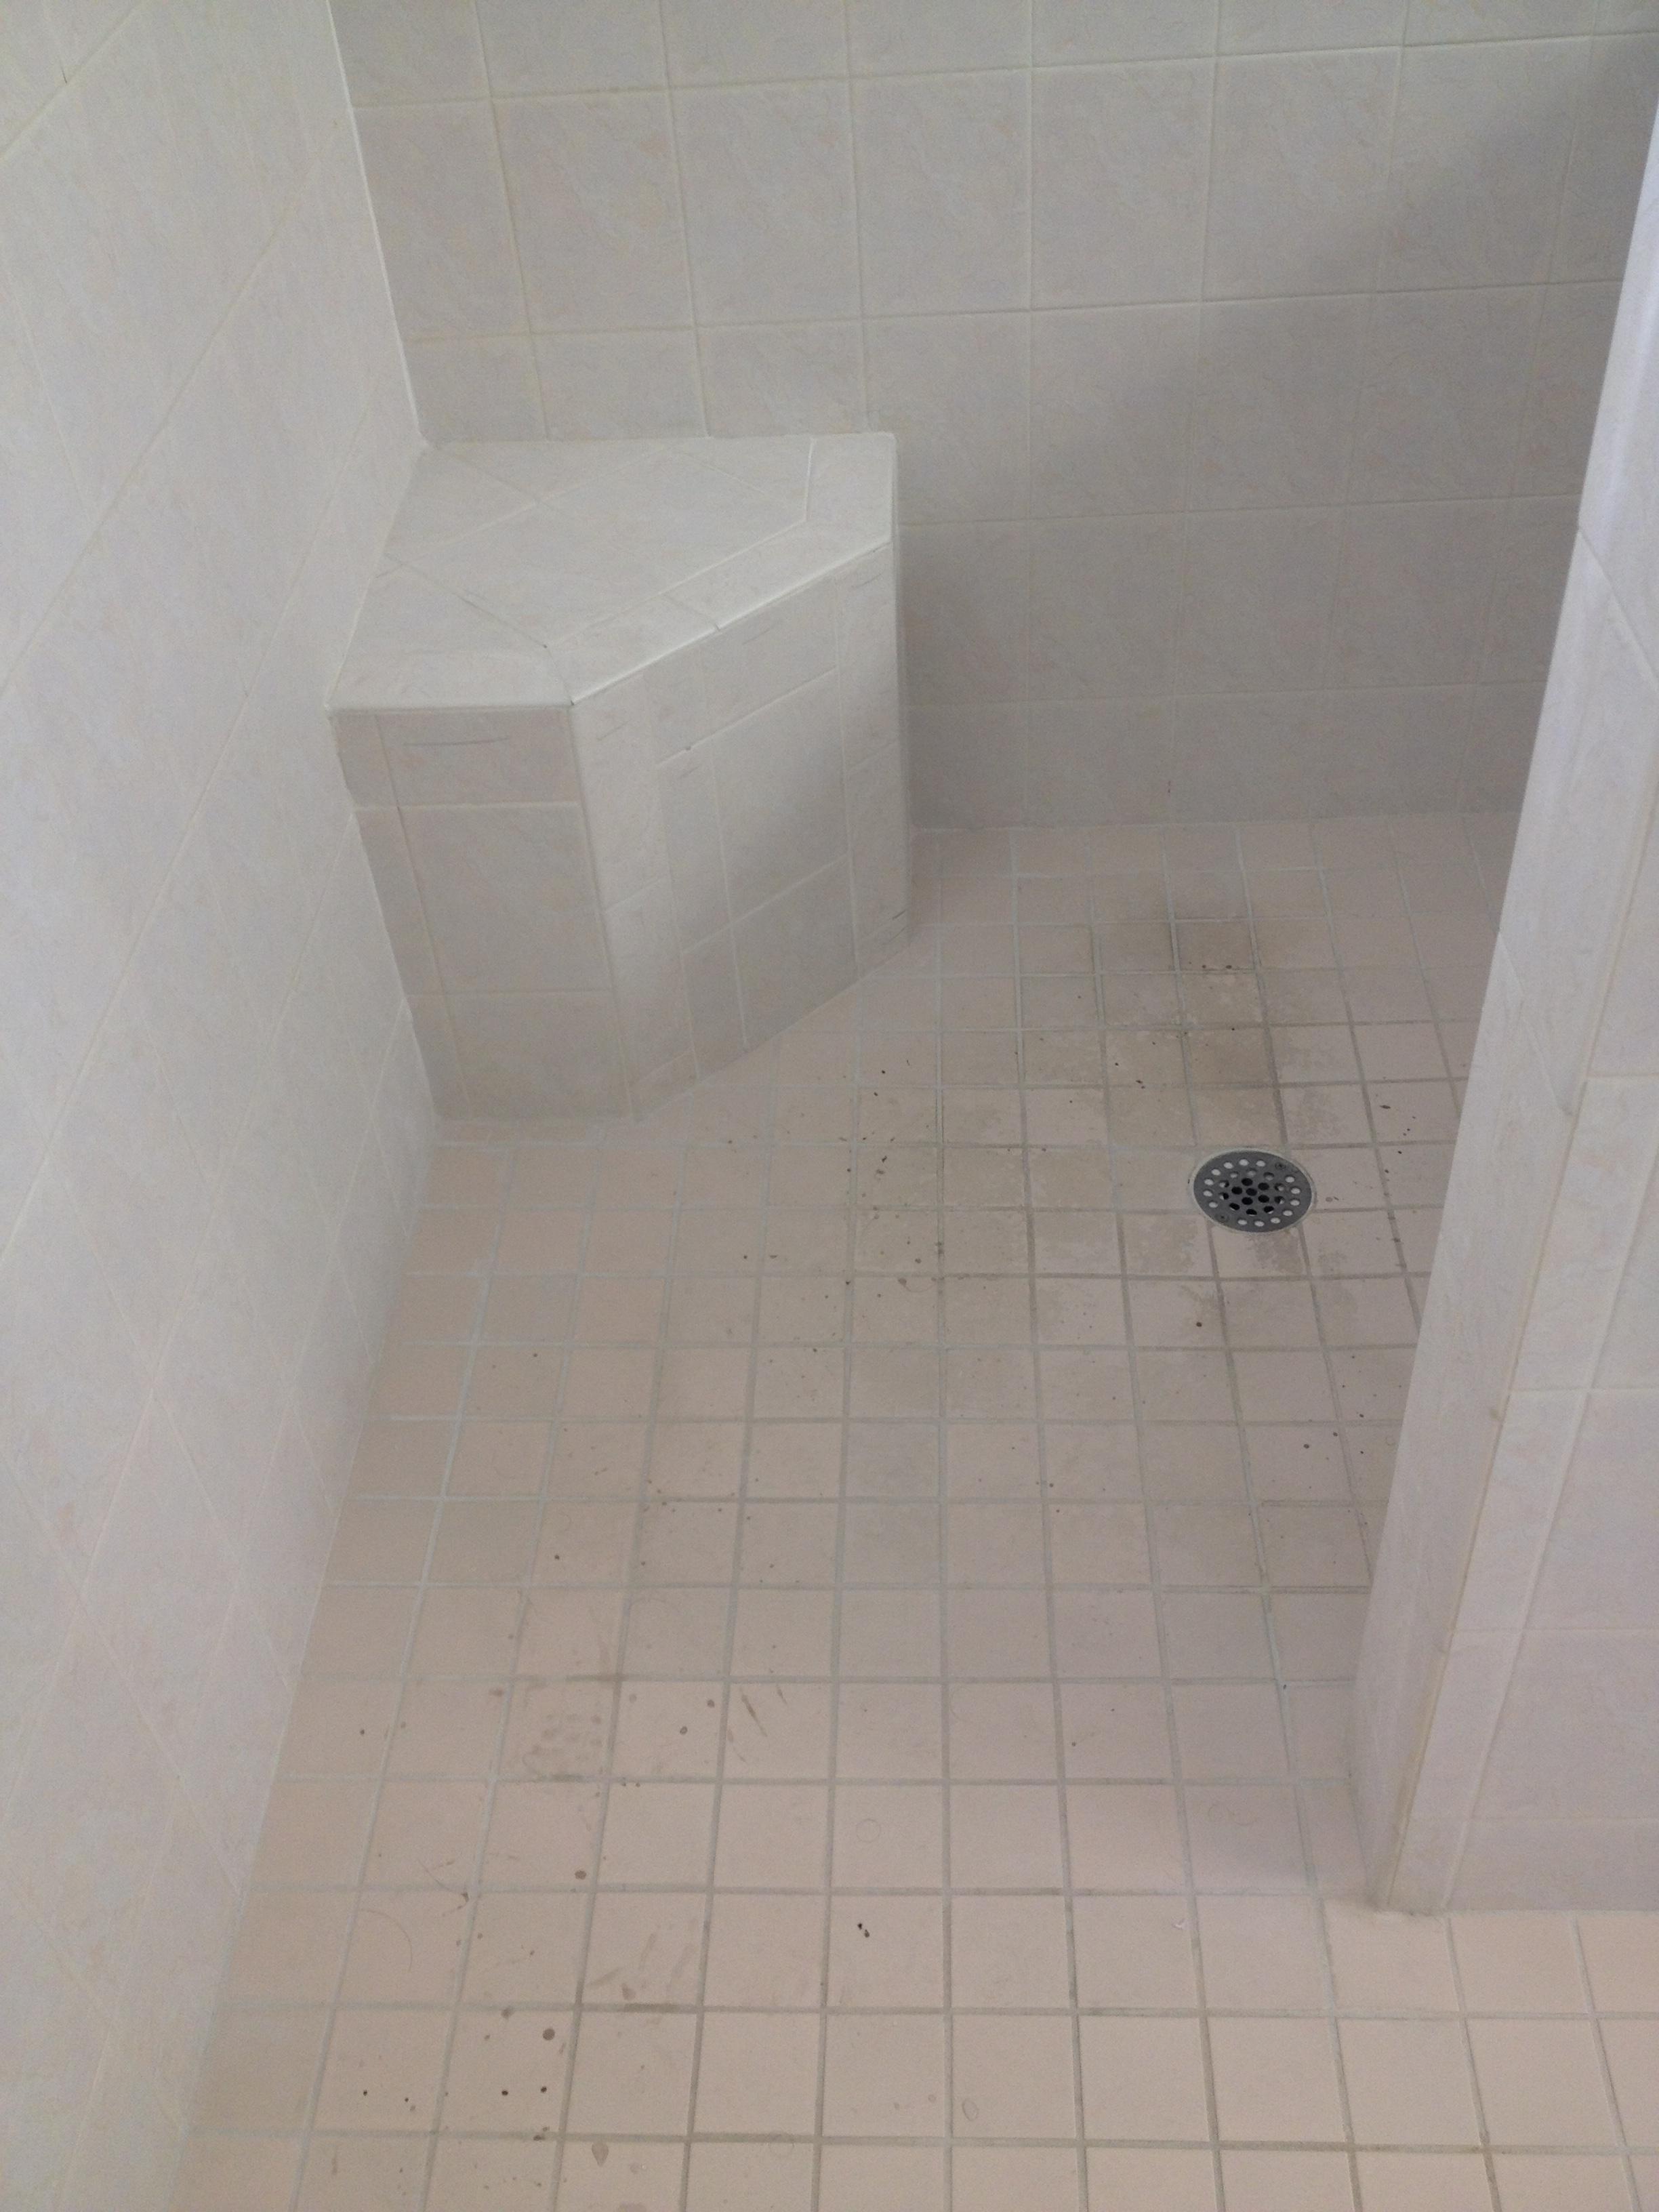 Dirty Tiles in Showers Isn't Fun